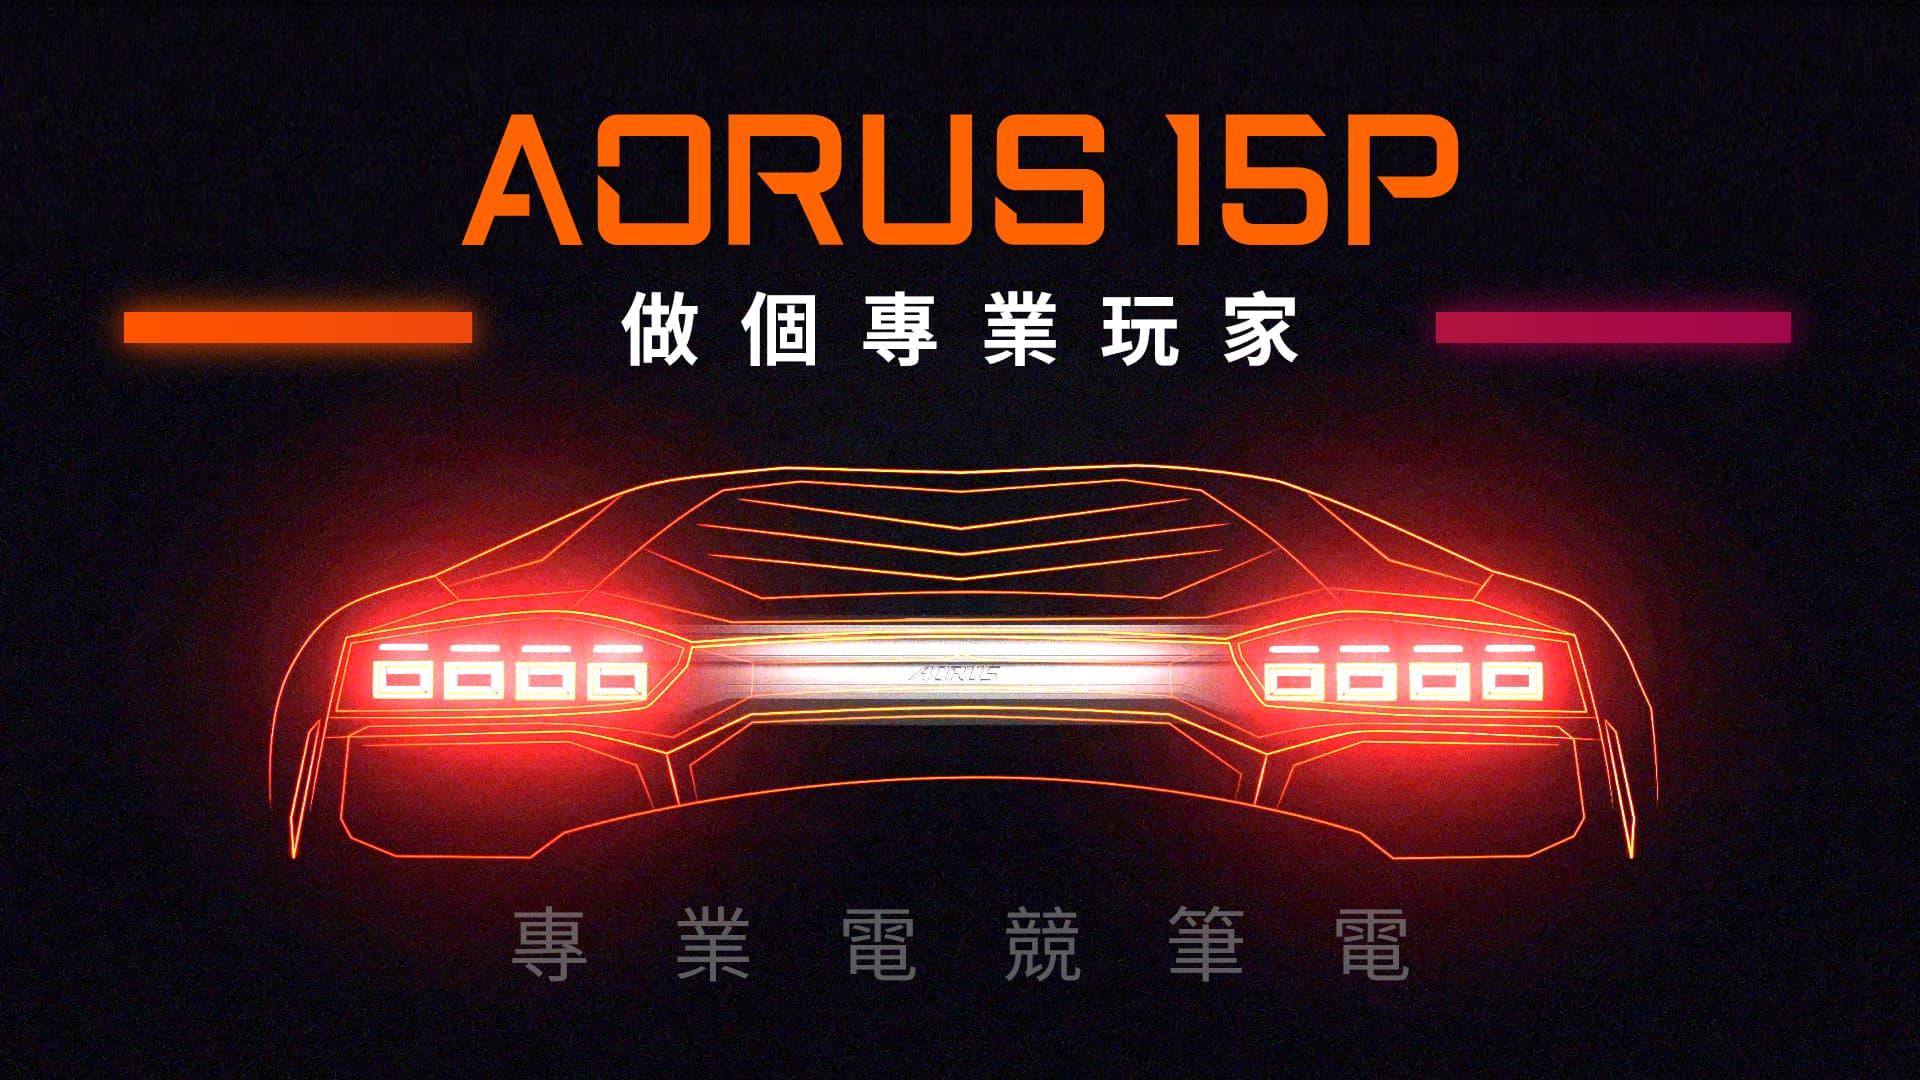 AORUS專業電競筆電 生力軍AORUS 15P全新上市